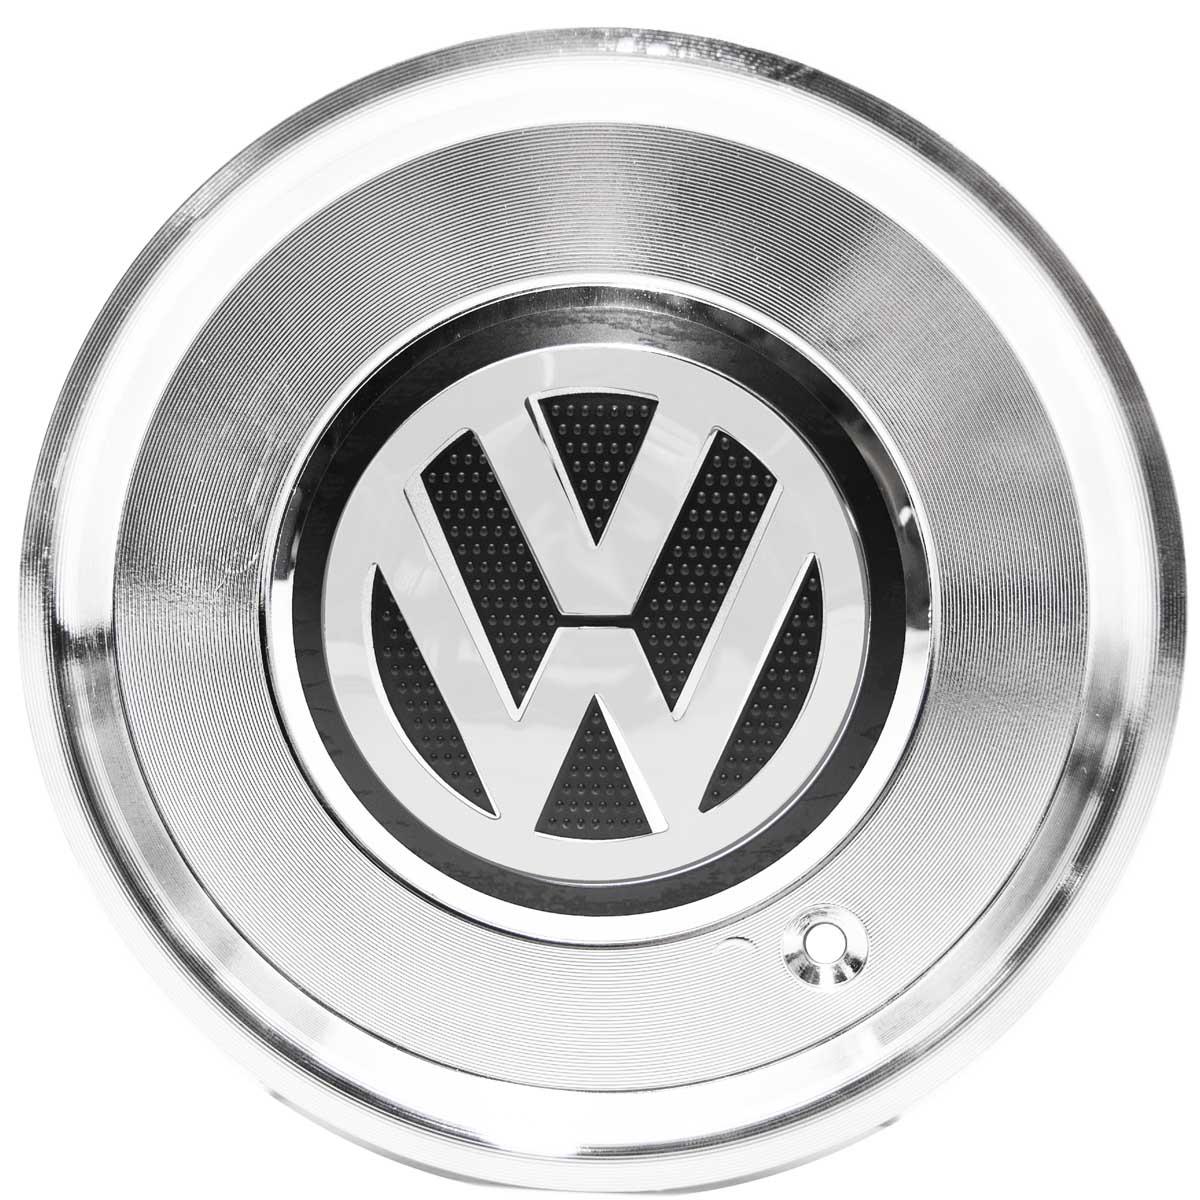 Calota Centro Miolo Roda S149 Emblema Resinado Vw - Diadema